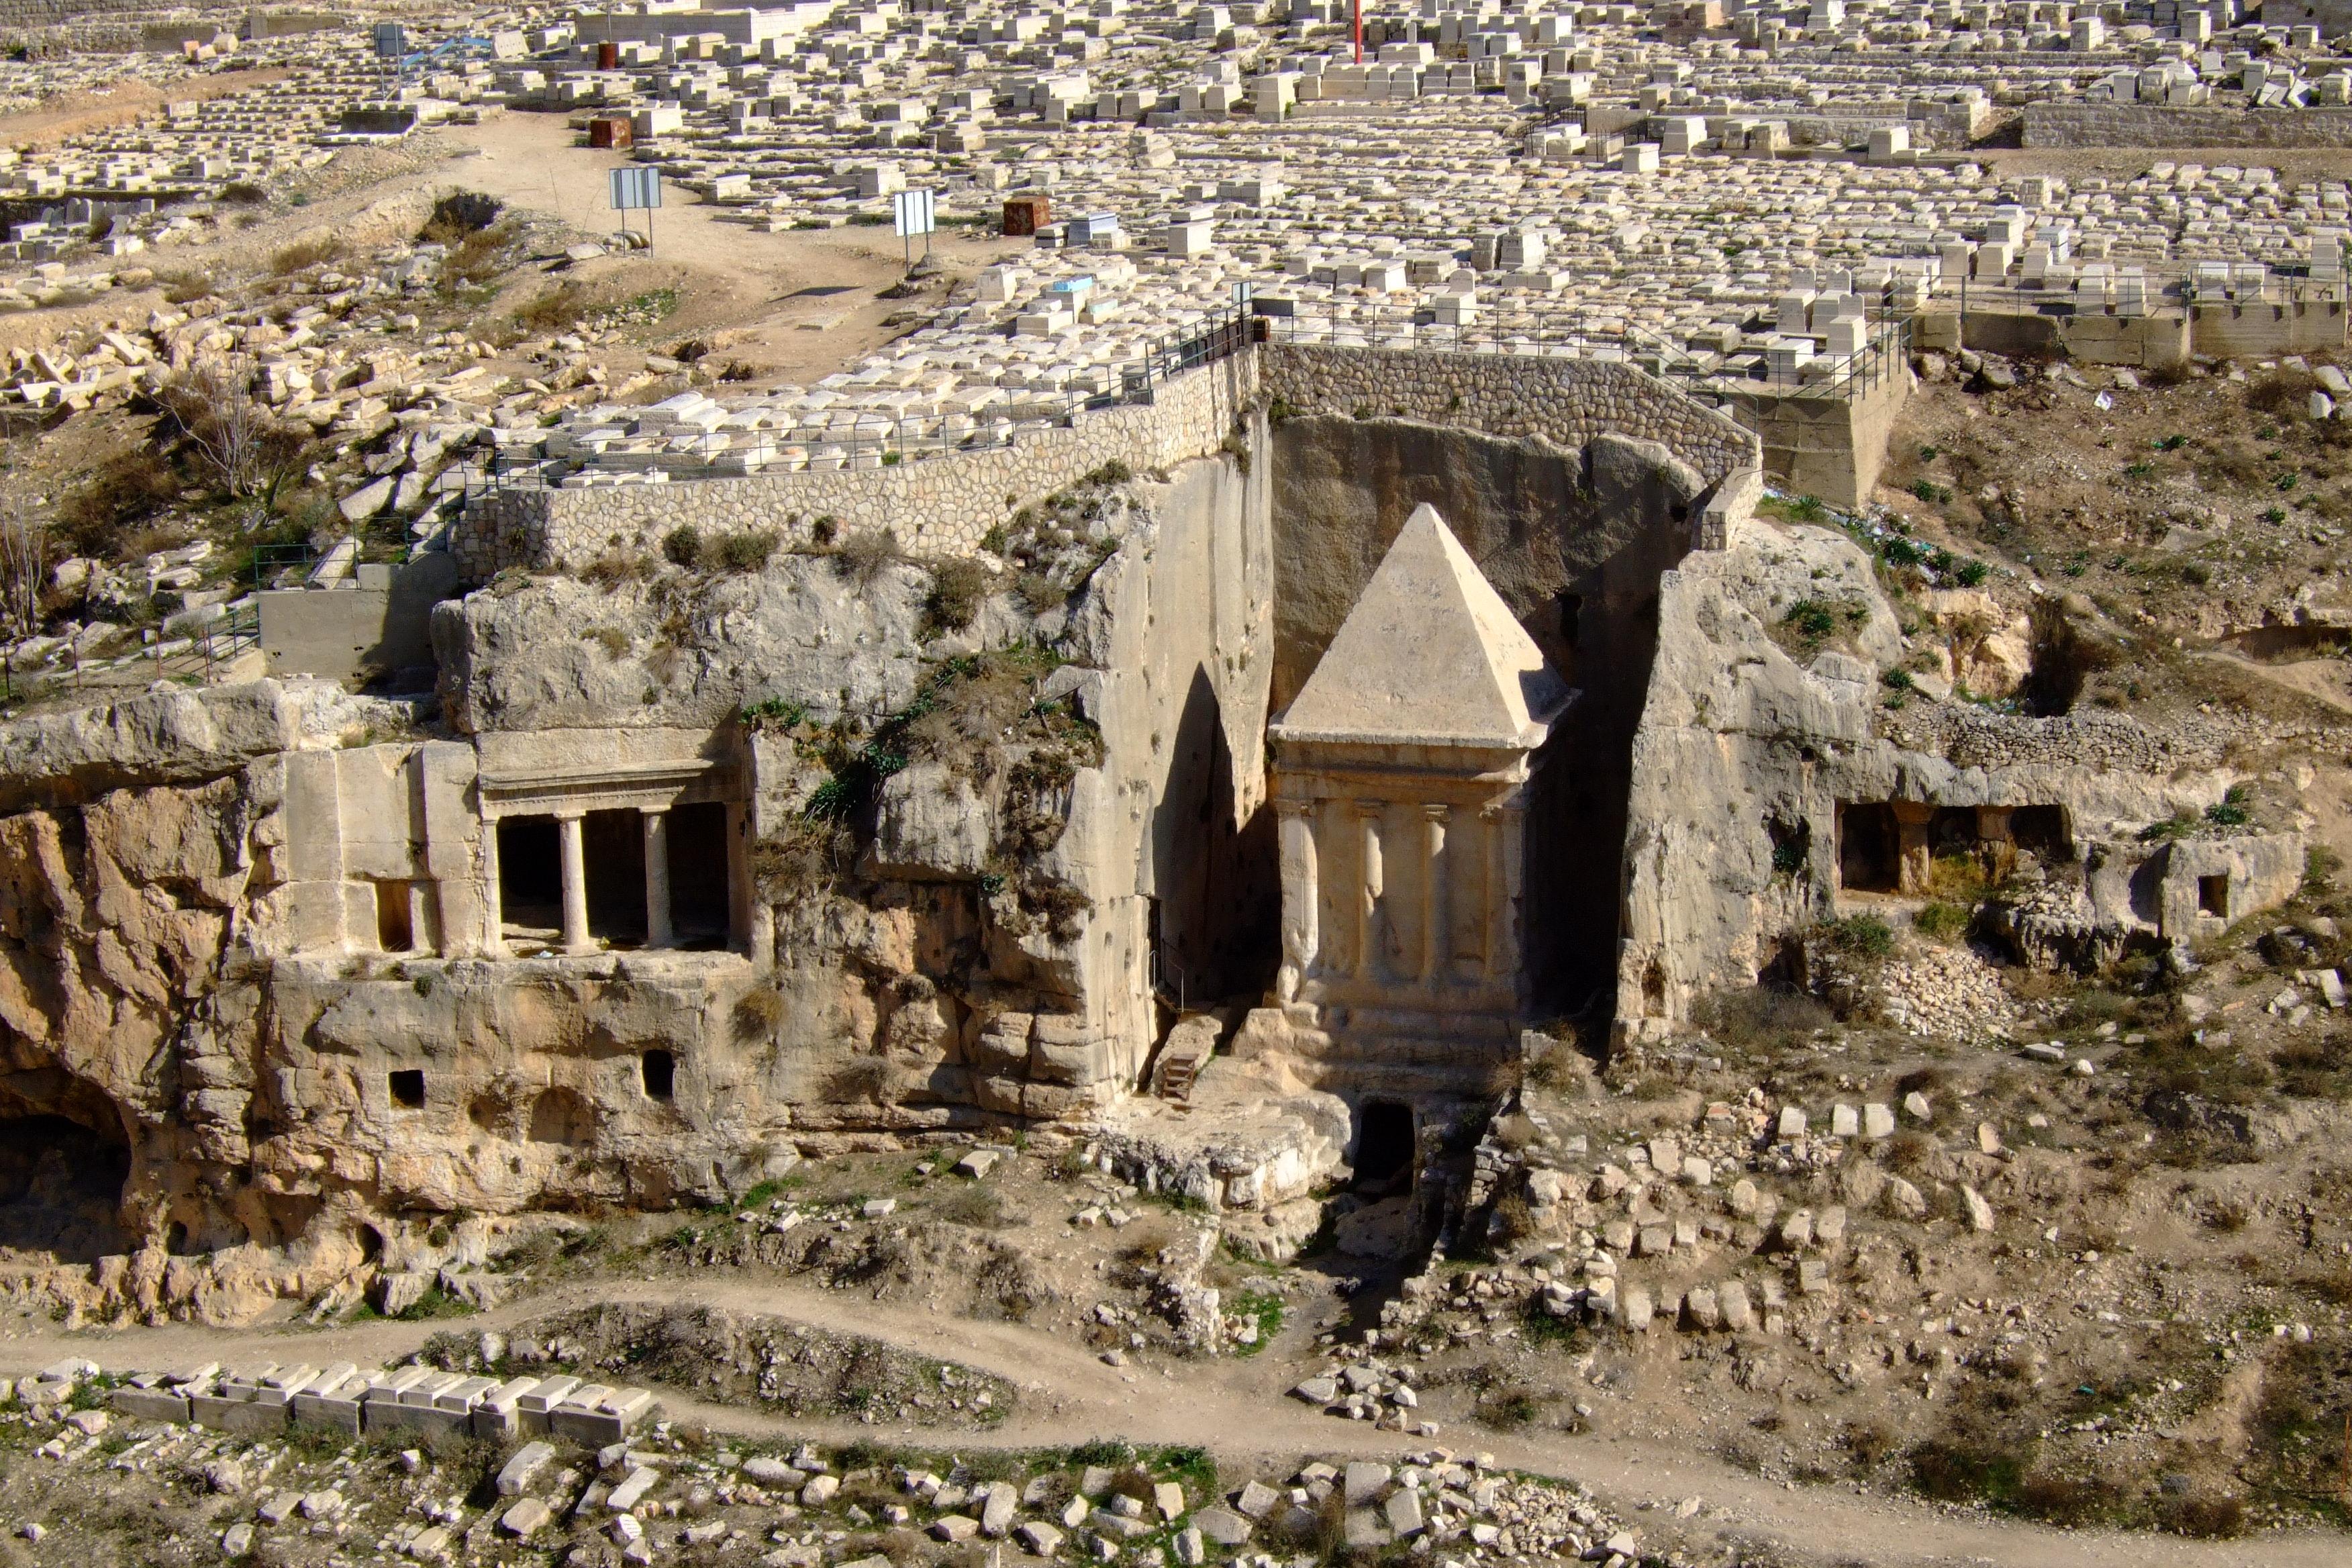 Luca Errera, Daniela Trastulli, Israele, Gerusalemme, tombe dei profeti, tomba Zaccaria